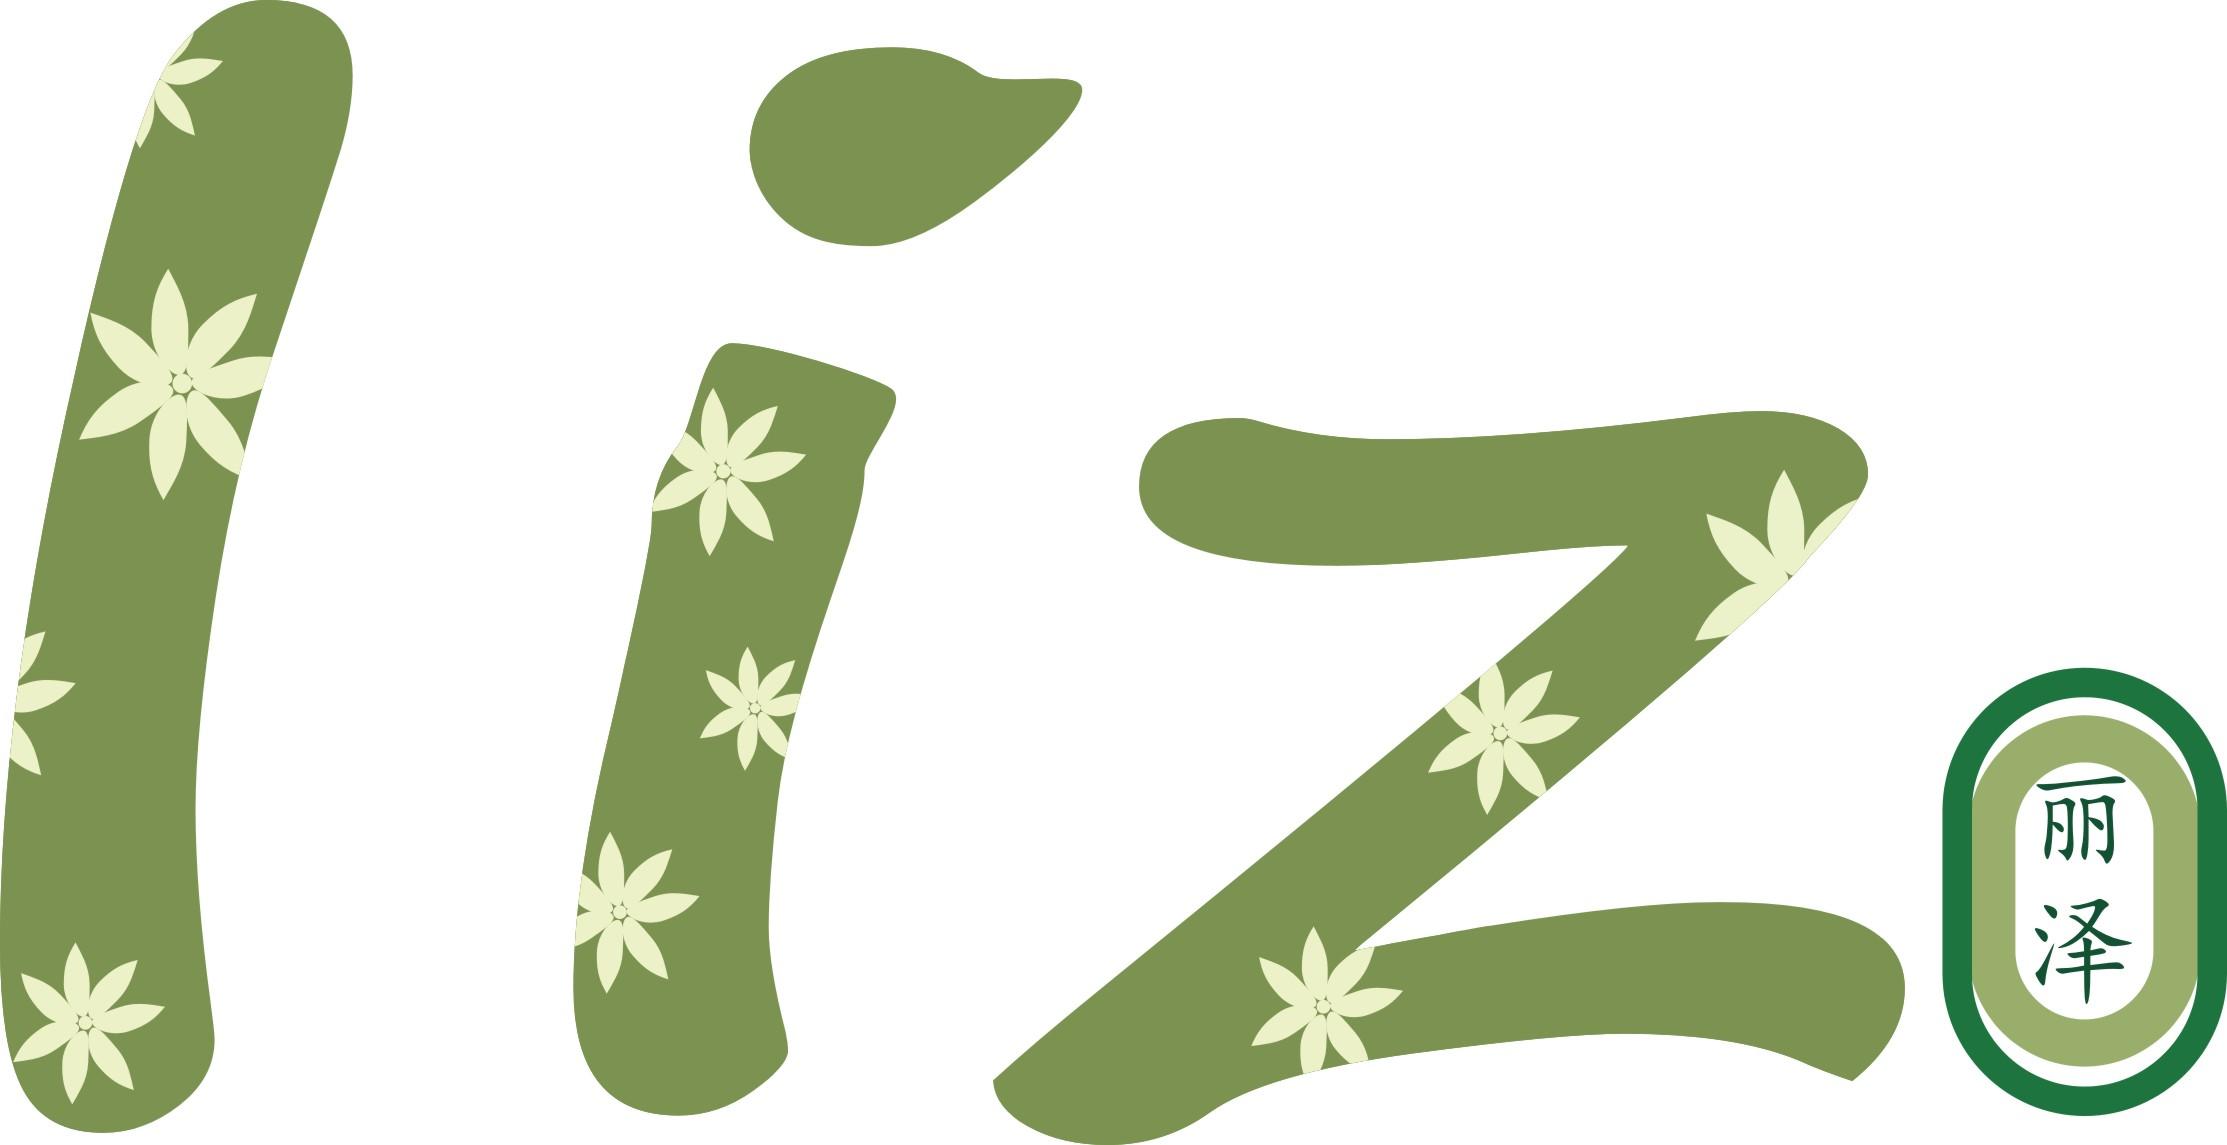 化妆品品牌logo设计